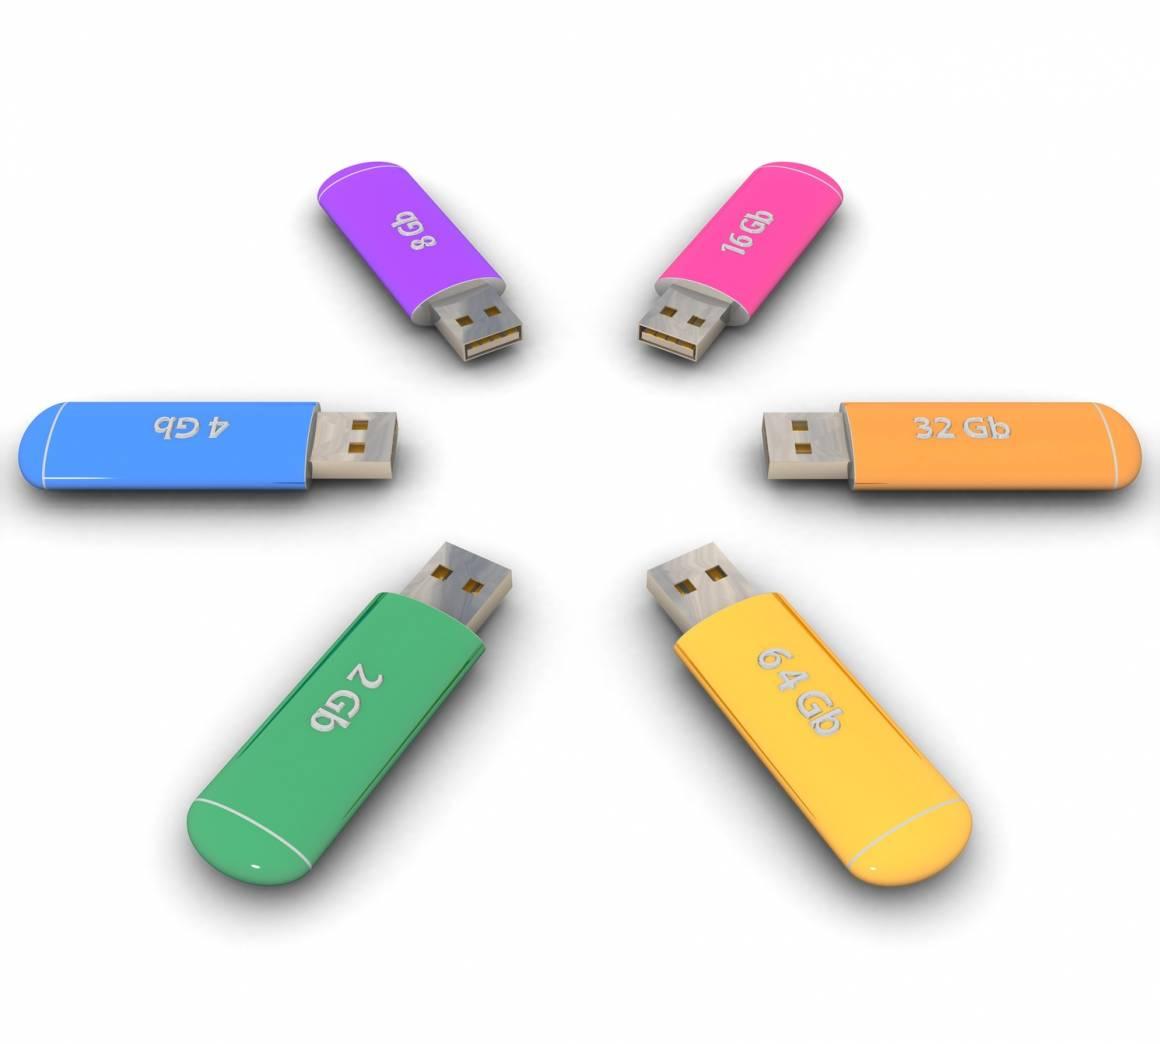 Le migliori chiavette USB a prezzi scontati 1160x1044 - Navigare in sicurezza utilizzando le chiavette usb più performanti del mercato